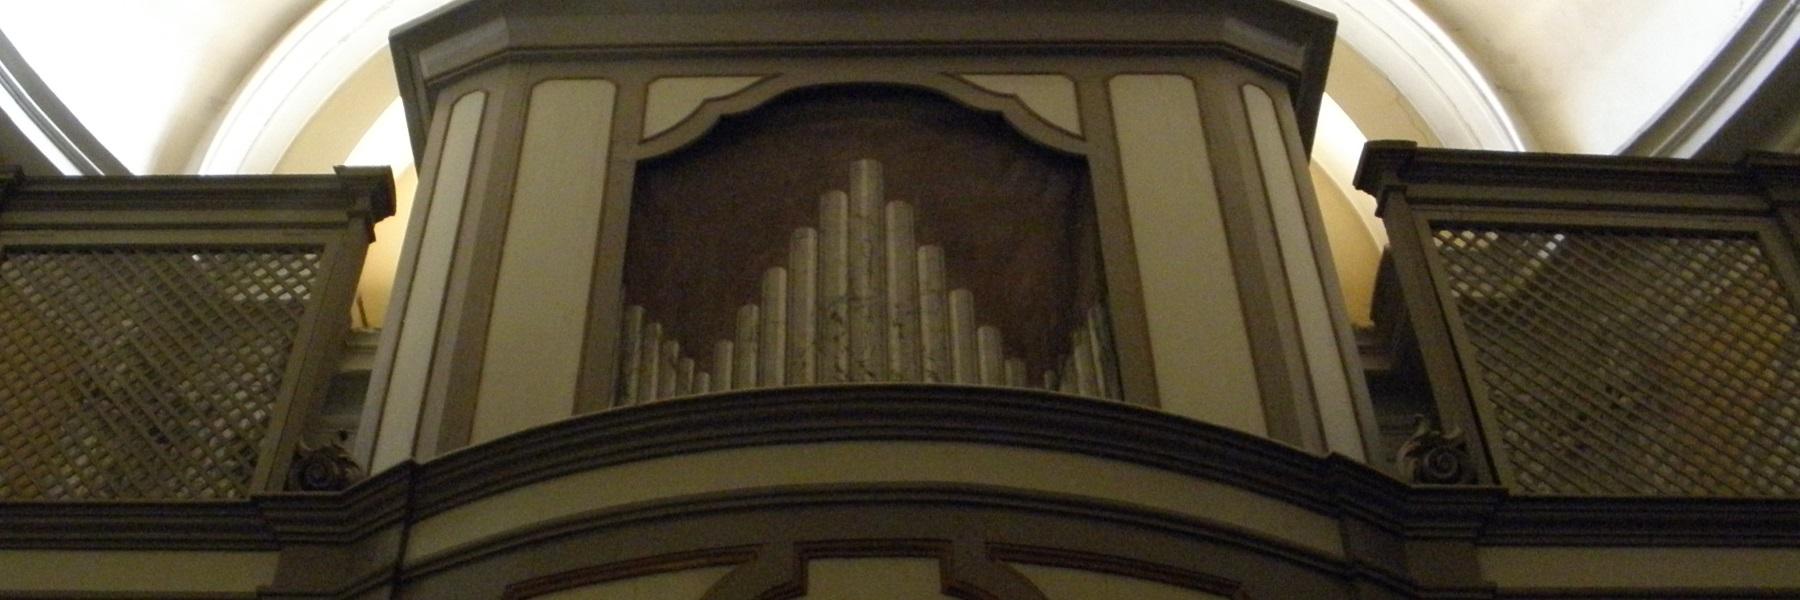 Église de Sainte Marie du Suffrage